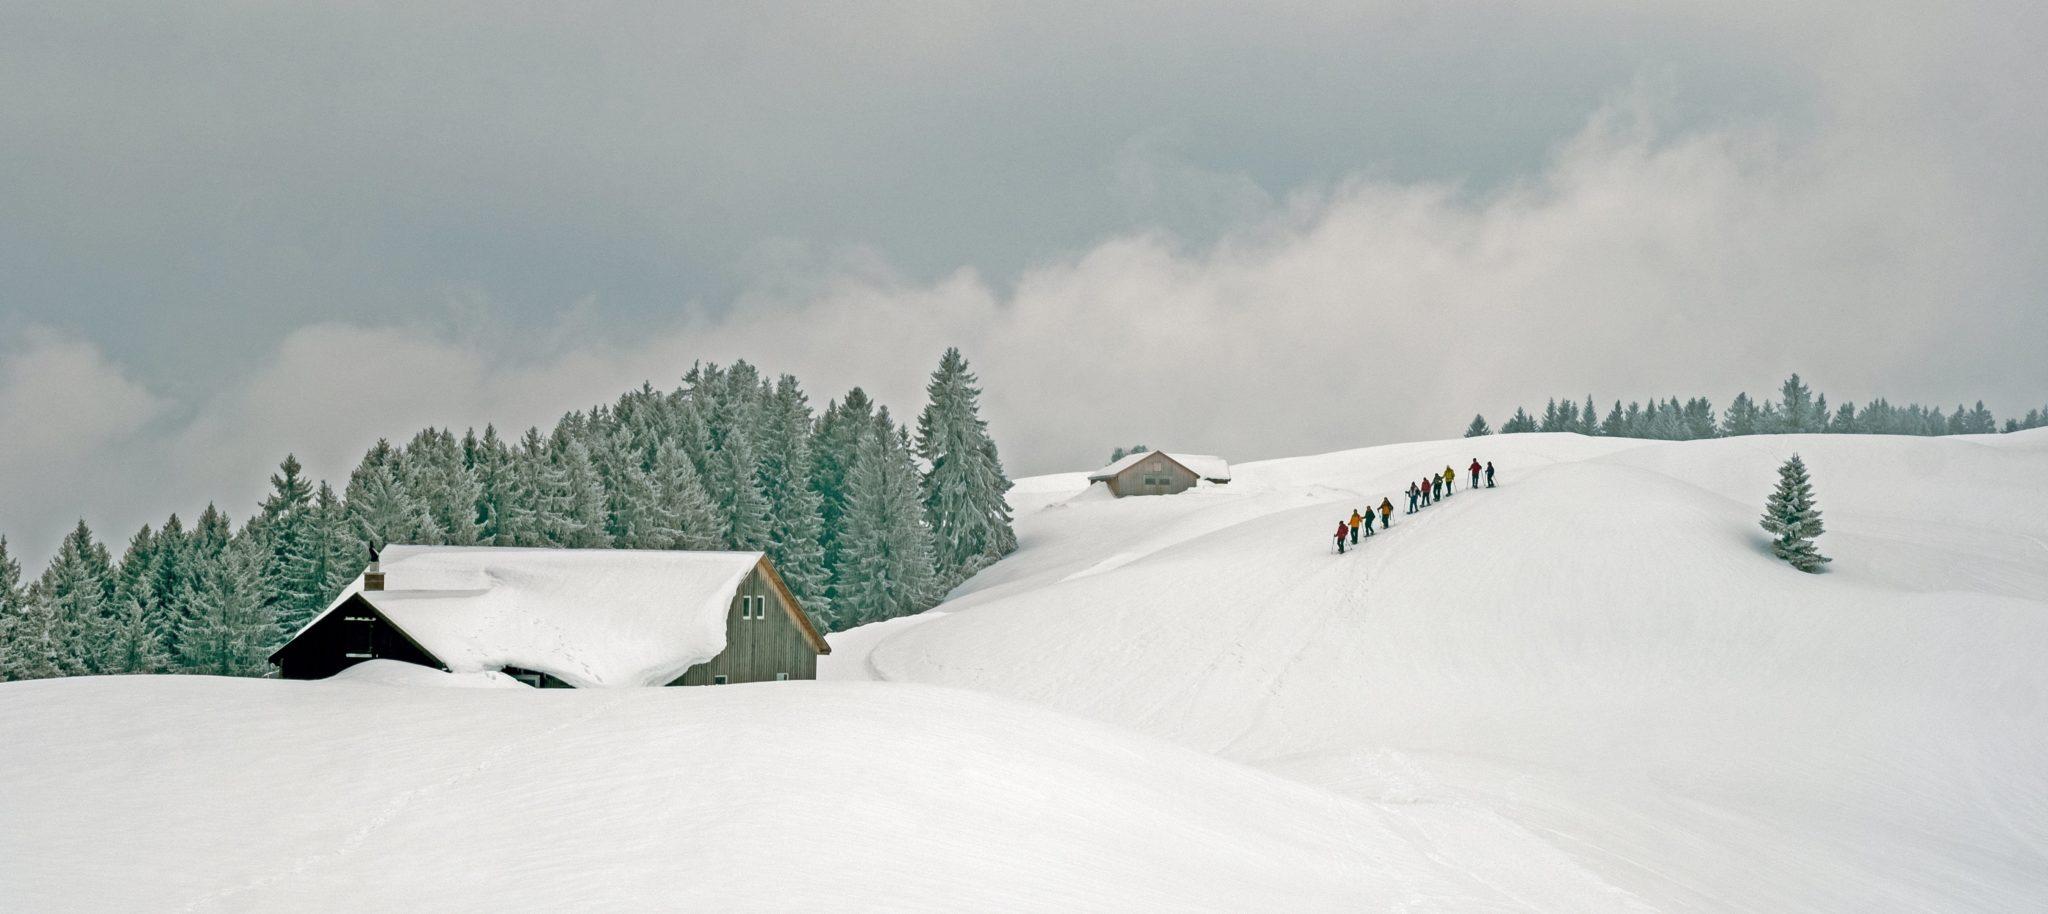 Szwajcaria, Altschen: zimowy spacer z rakietami śnieżnymi, fot: Walter Bieri, PAP/EPA